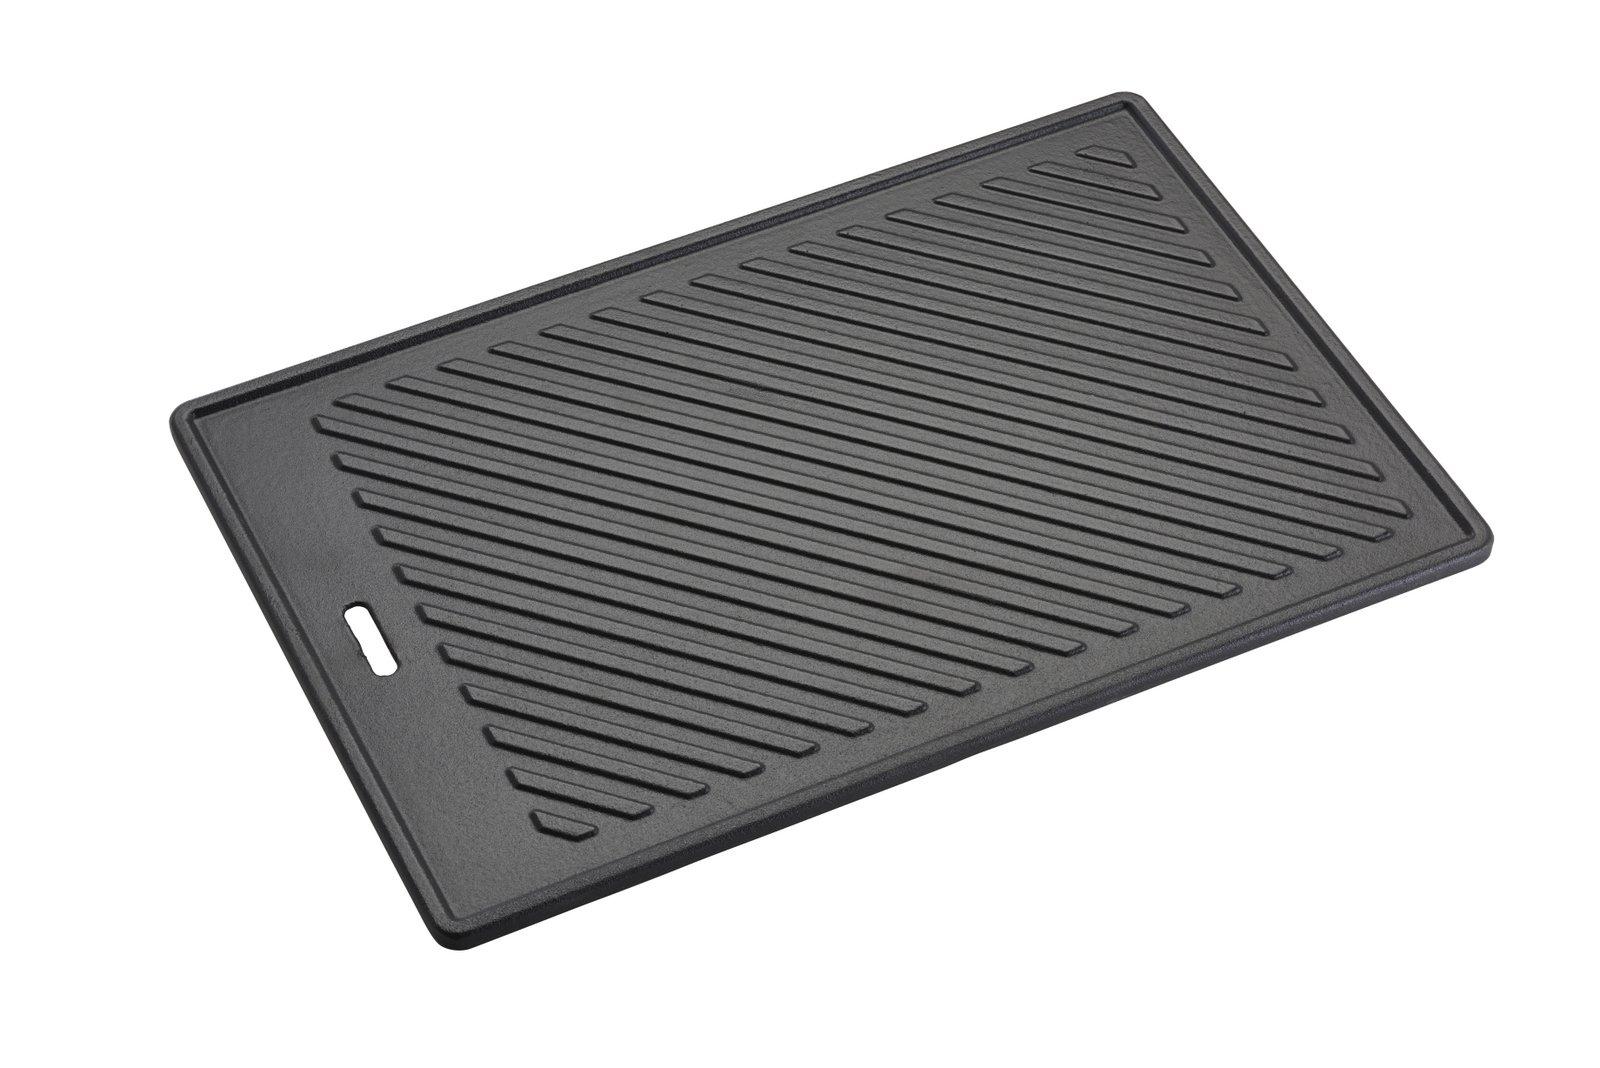 Rösle Gasgrill Videro G3 Zubehör : Rösle 25311 gussplatte grillplatte für videro g3 g4 grillen